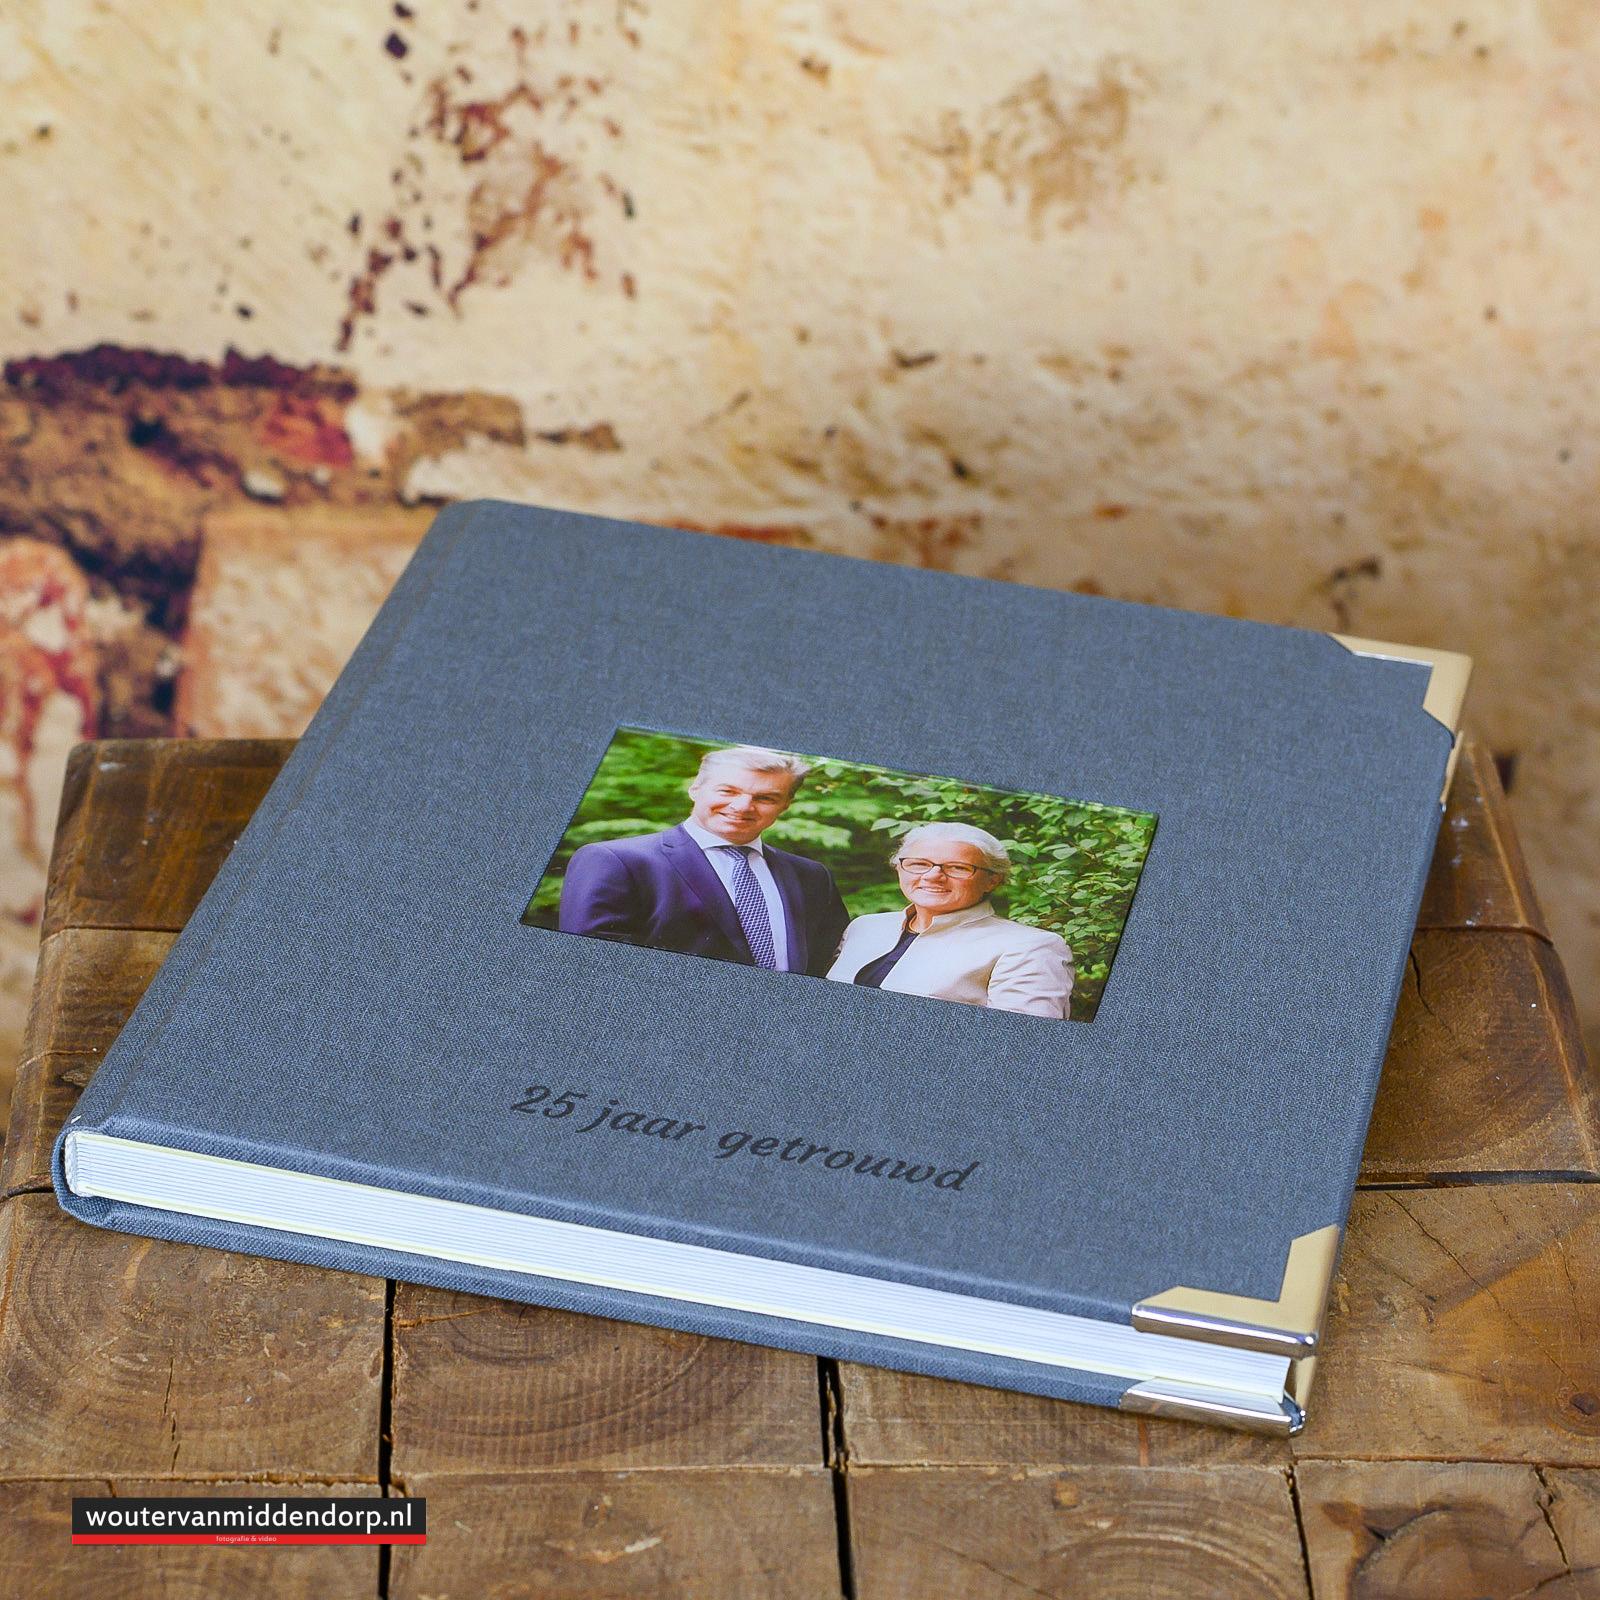 familiealbum fotoboek Wouter van middendorp (4)